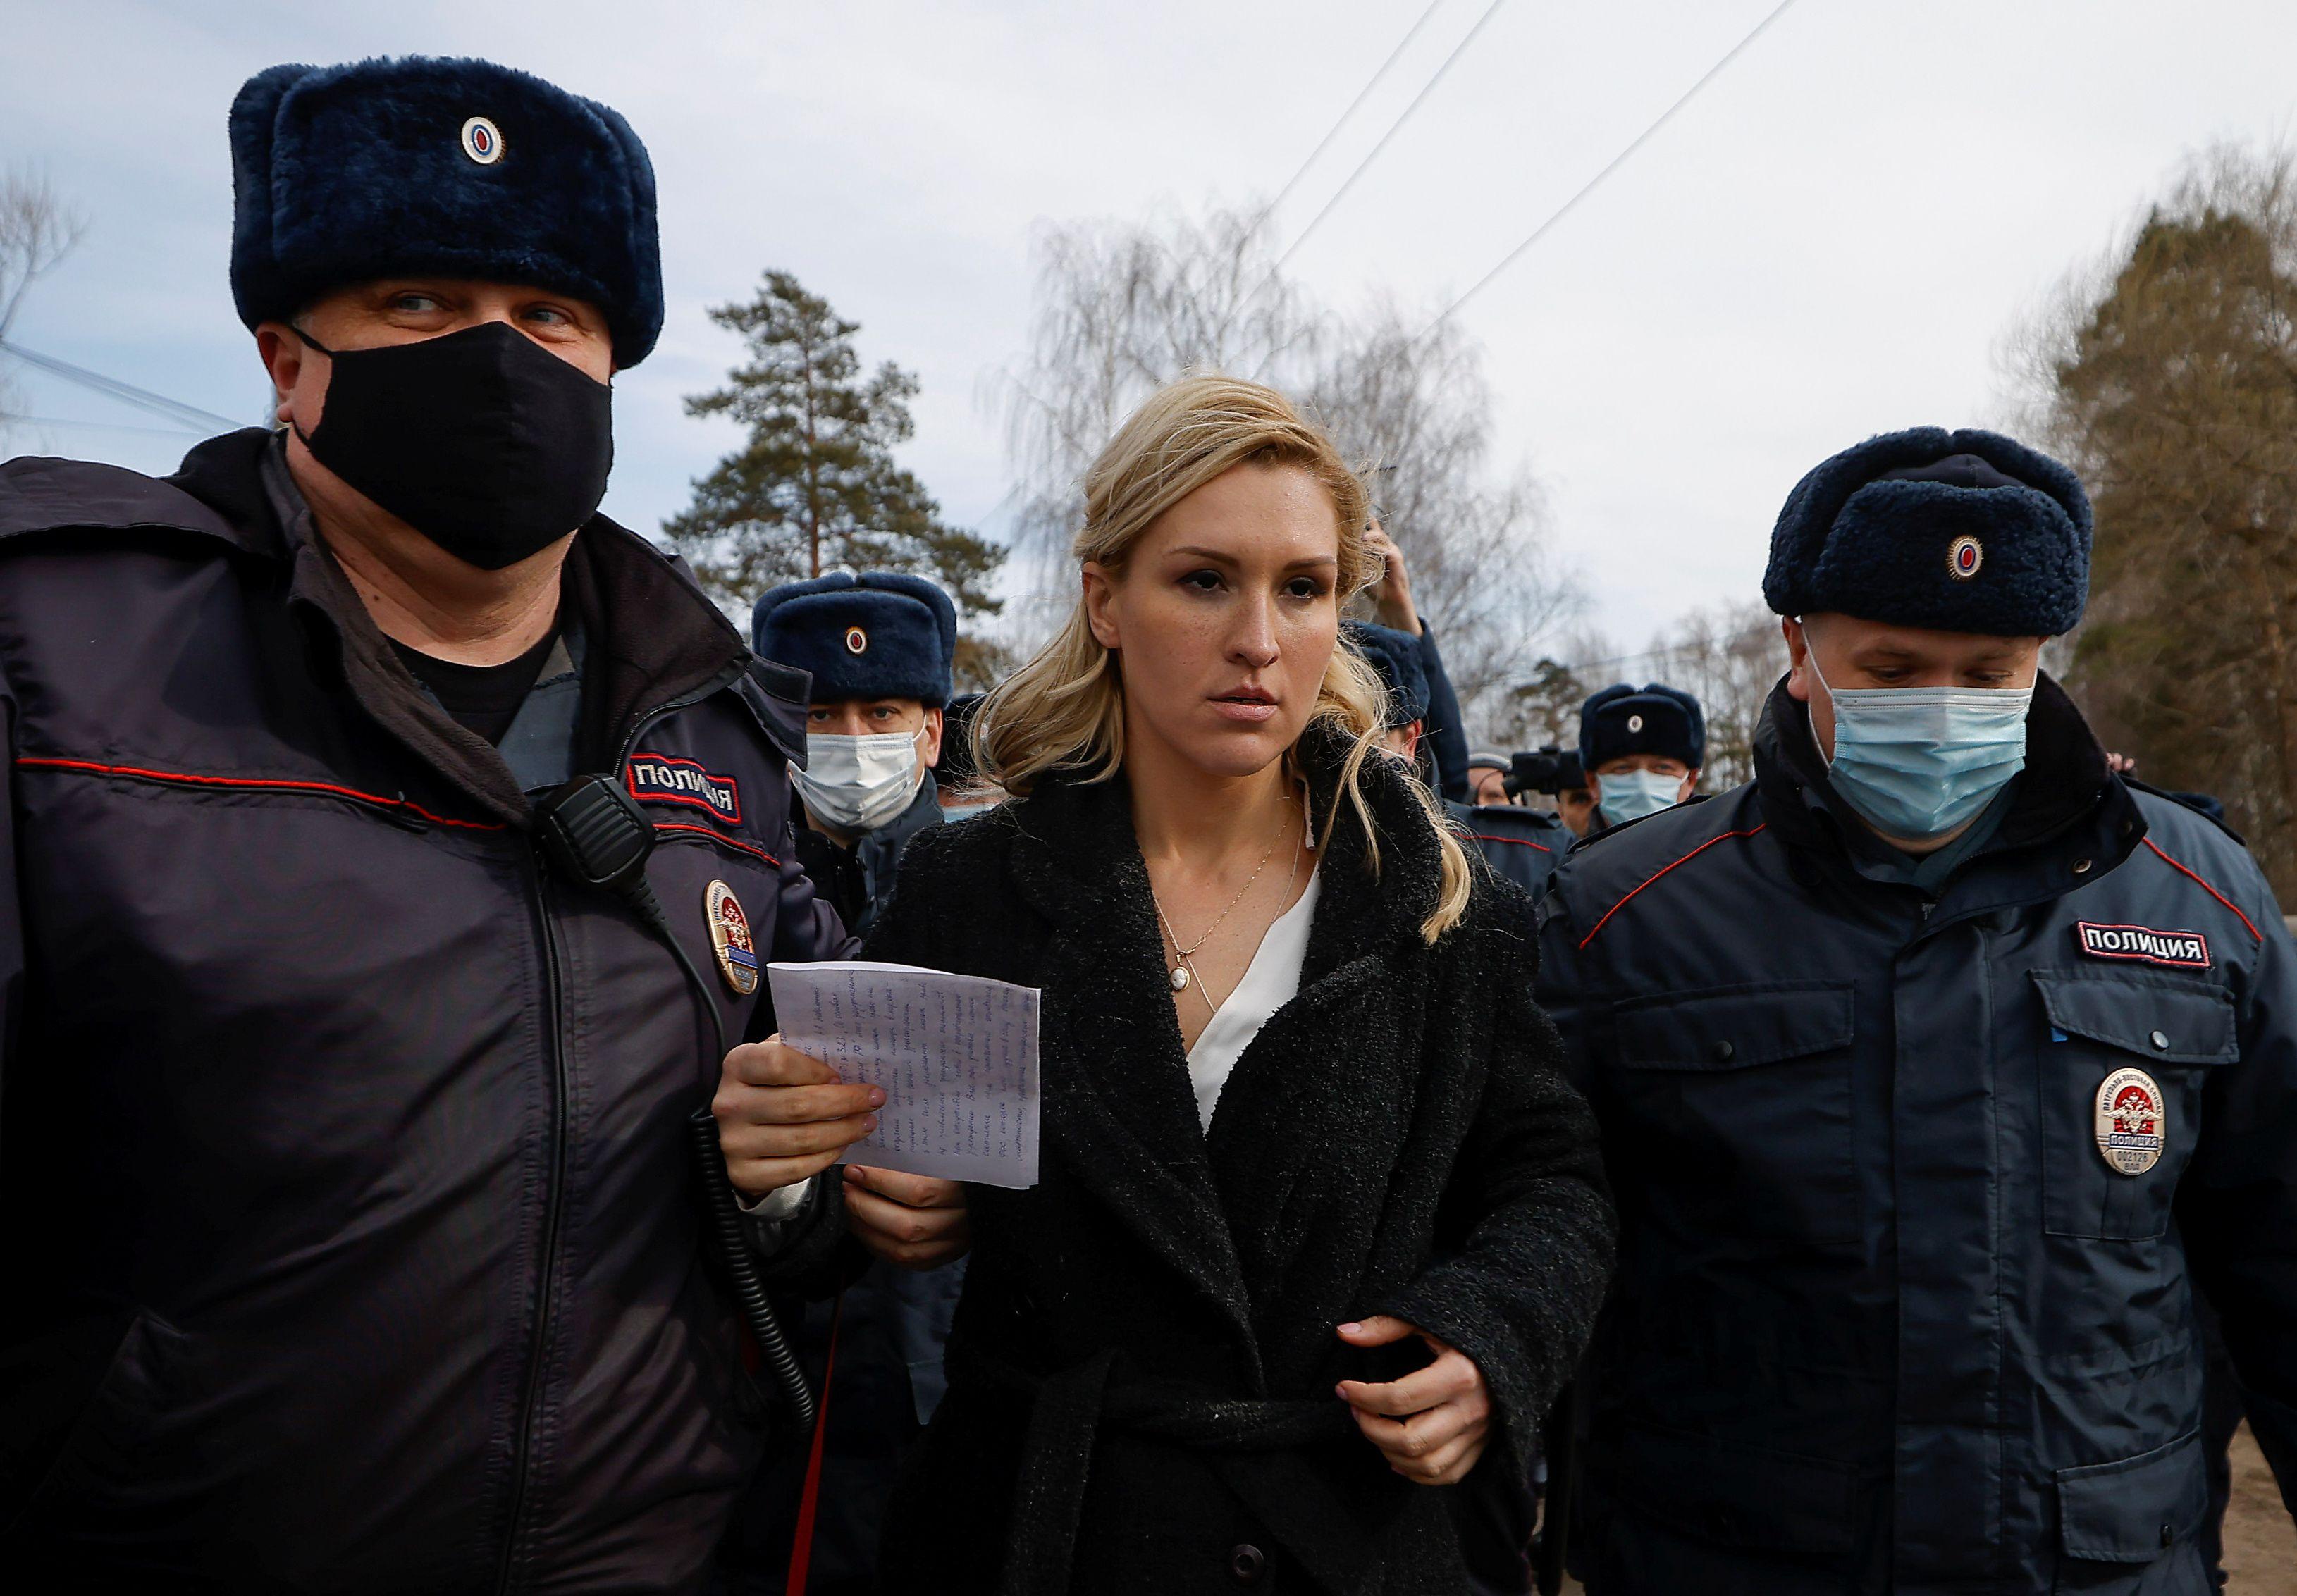 La policía rusa detiene a Anastasiya Vasilyeva, médica y aliada del opositor Alexei Navalny. (REUTERS/Maxim Shemetov)